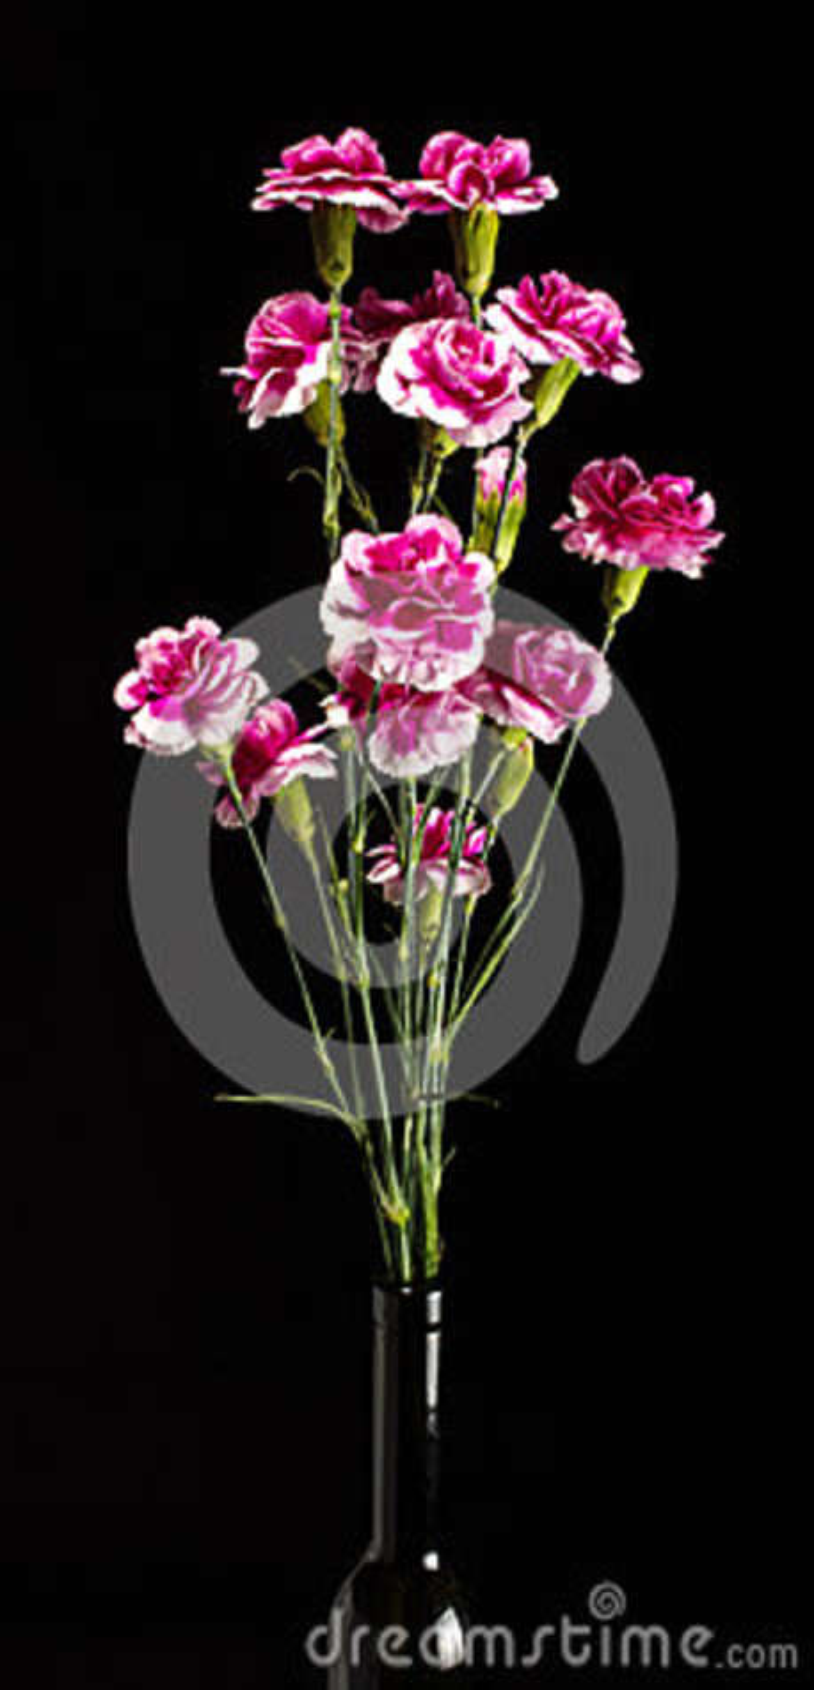 Nelkenrosa-Blumenblumenstrauß auf dem dunklen Hintergrund